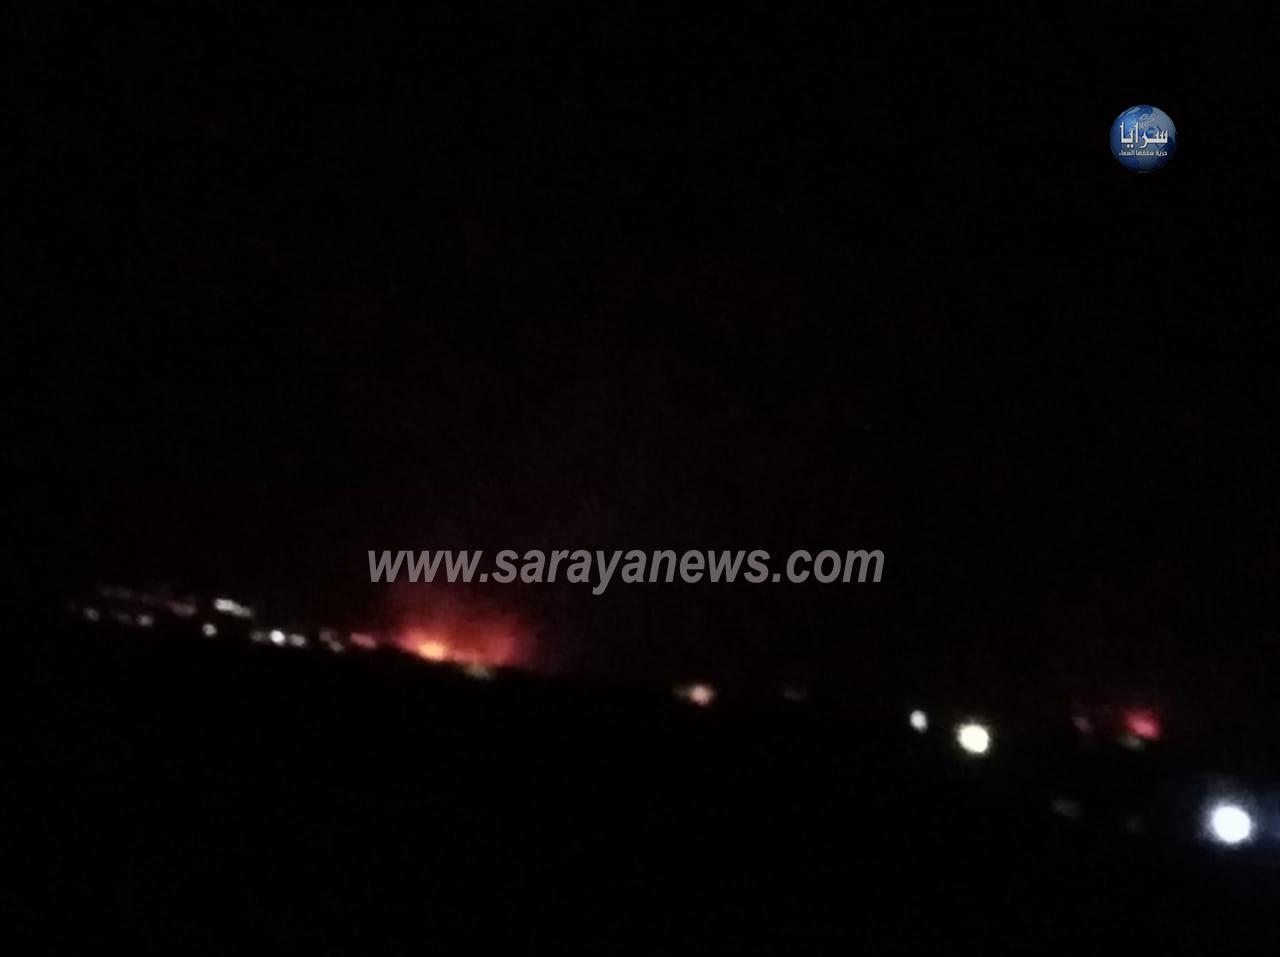 حرائق كبيرة تمتد من الأراضي المحتلة إلى الأراضي الأردنية  .. صور